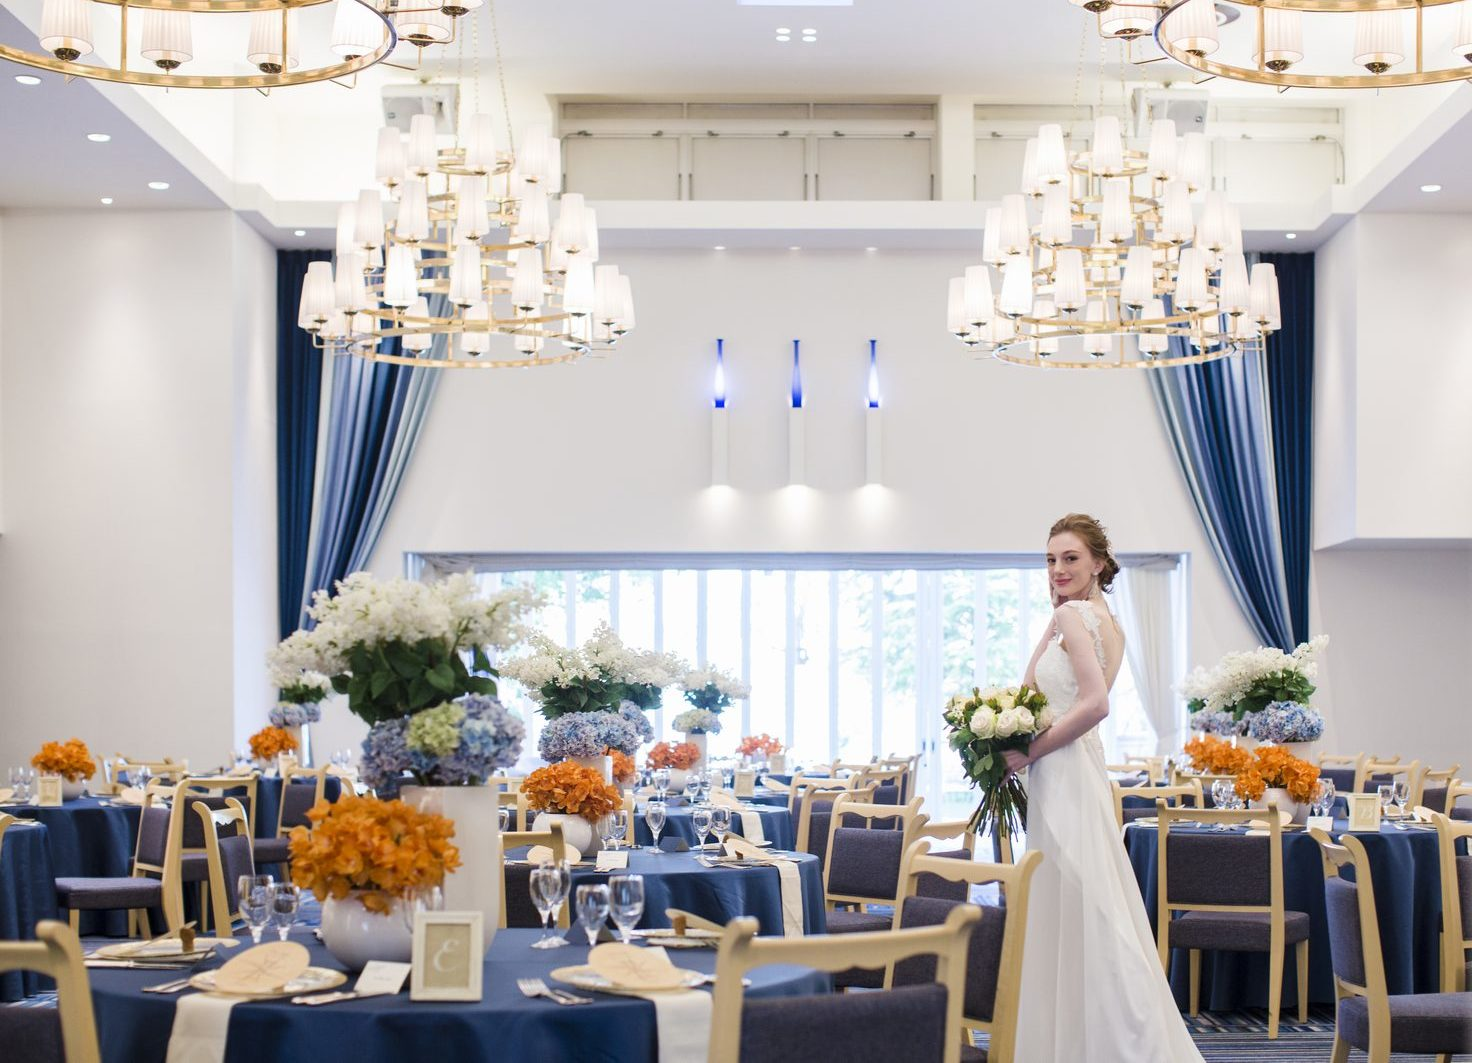 香川県の結婚式場シェルエメールのグラデートの会場コーディネート